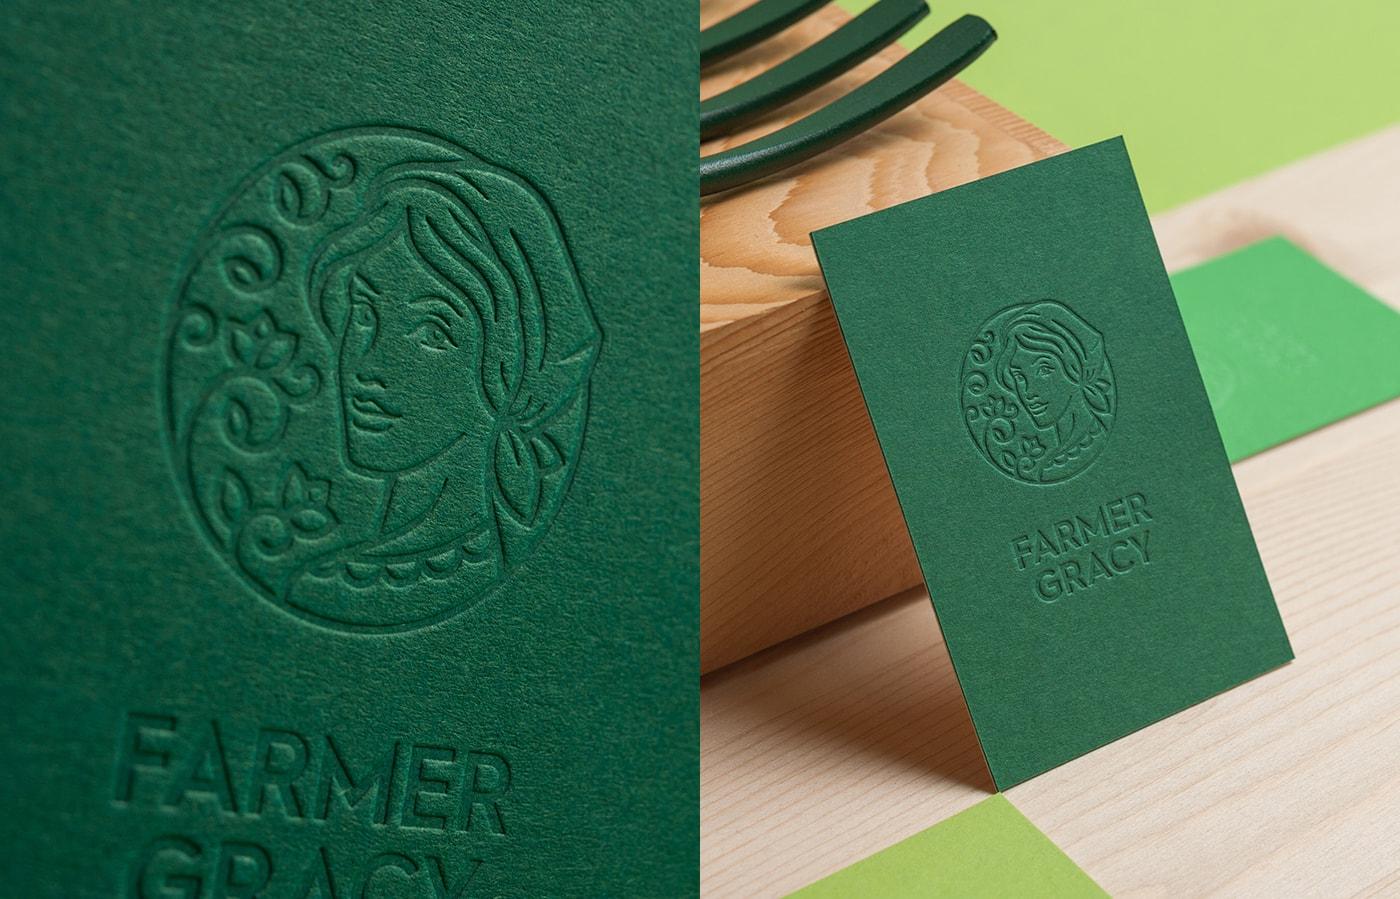 farmer-gracy-07-min